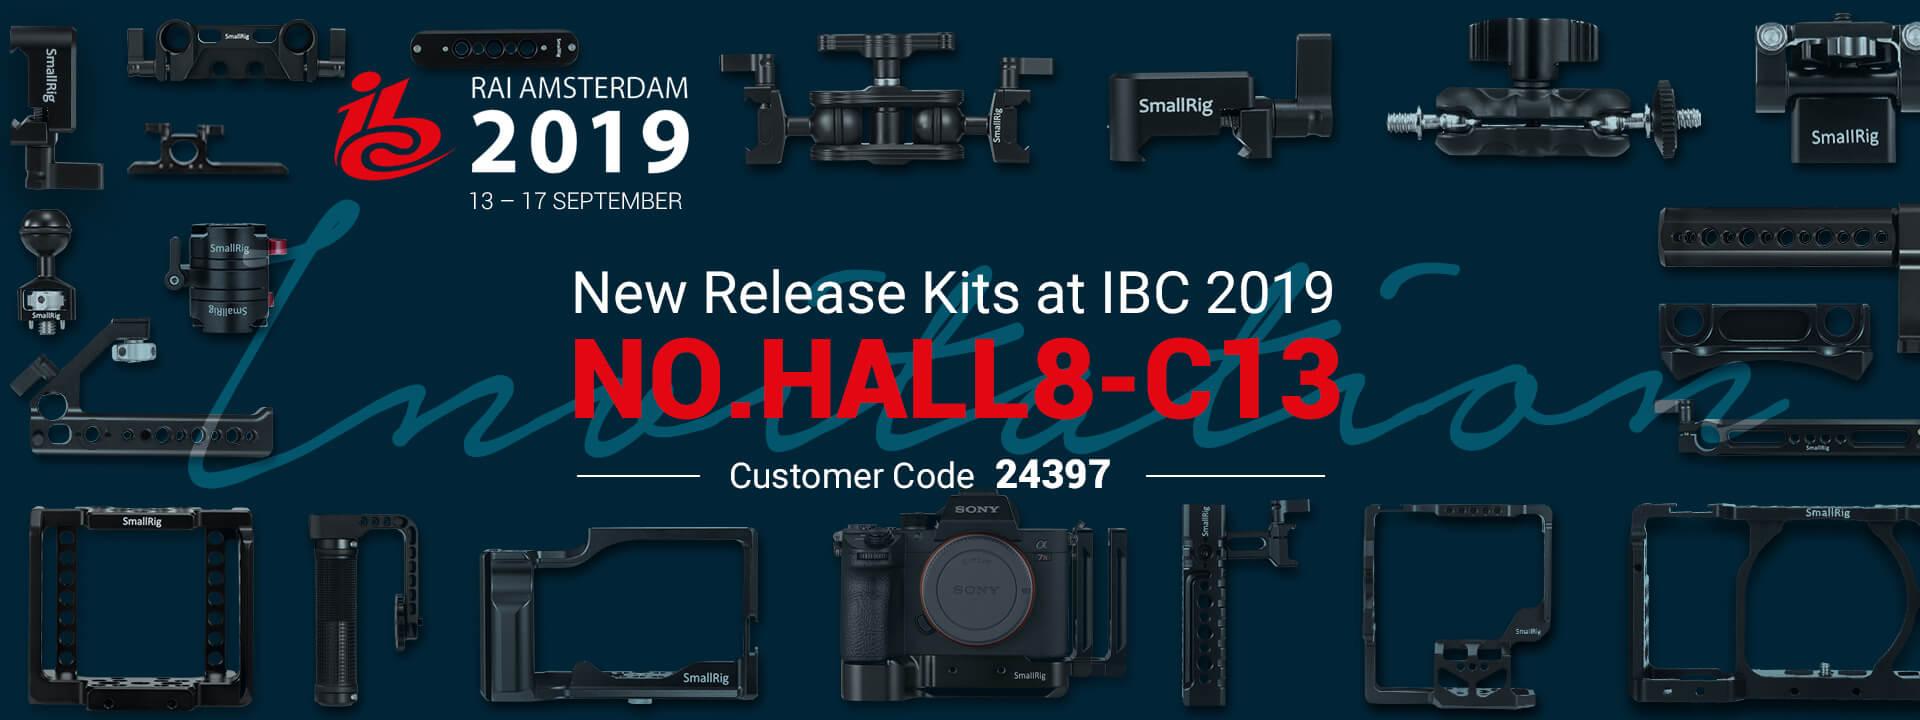 IBC 2019